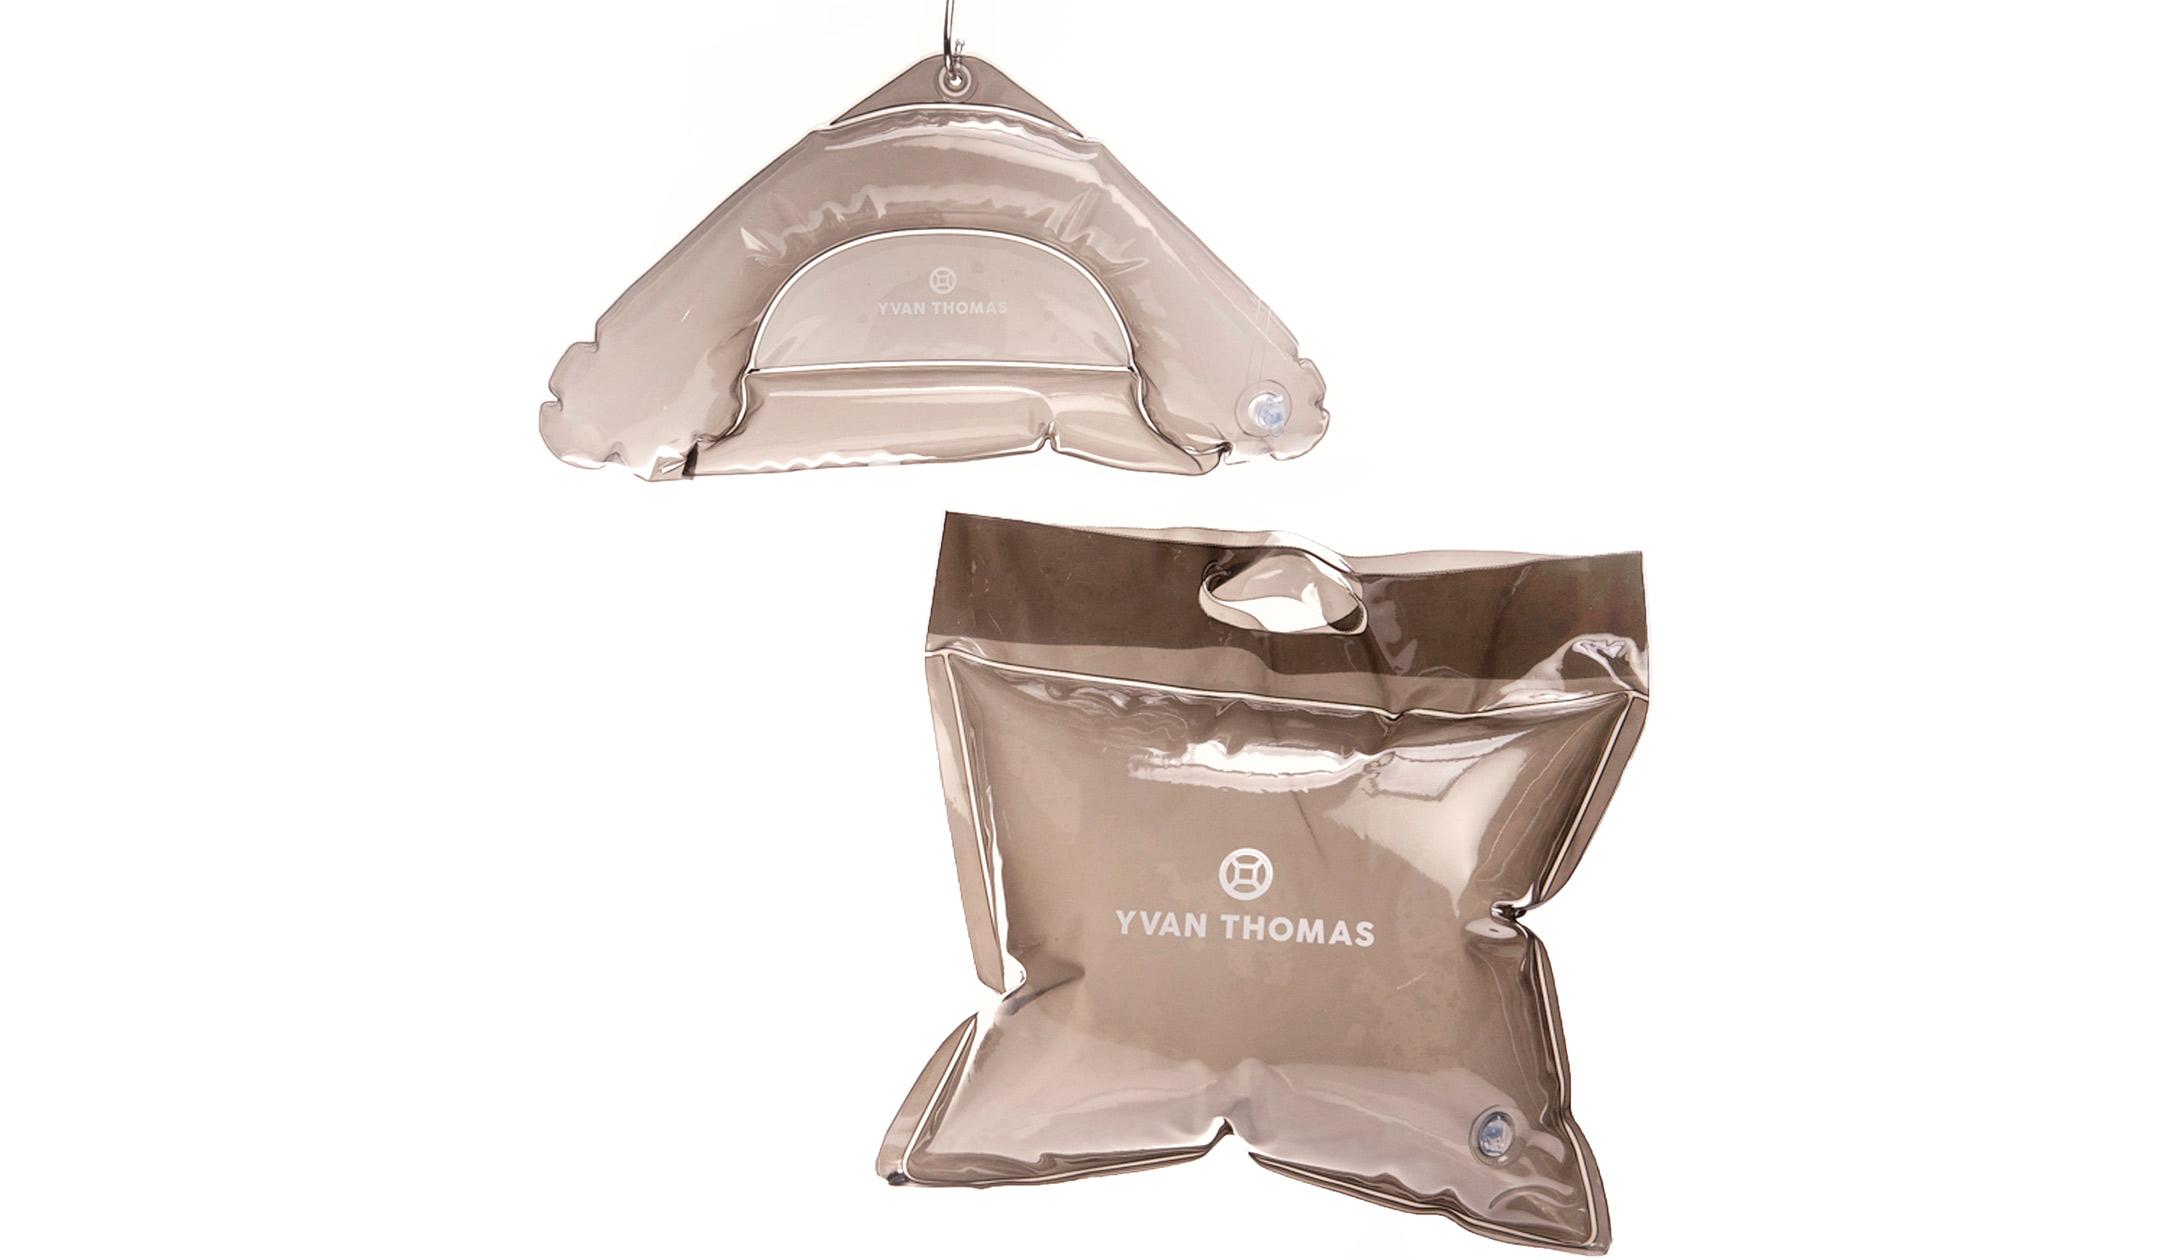 cadica_Packaging_yvan_thomas